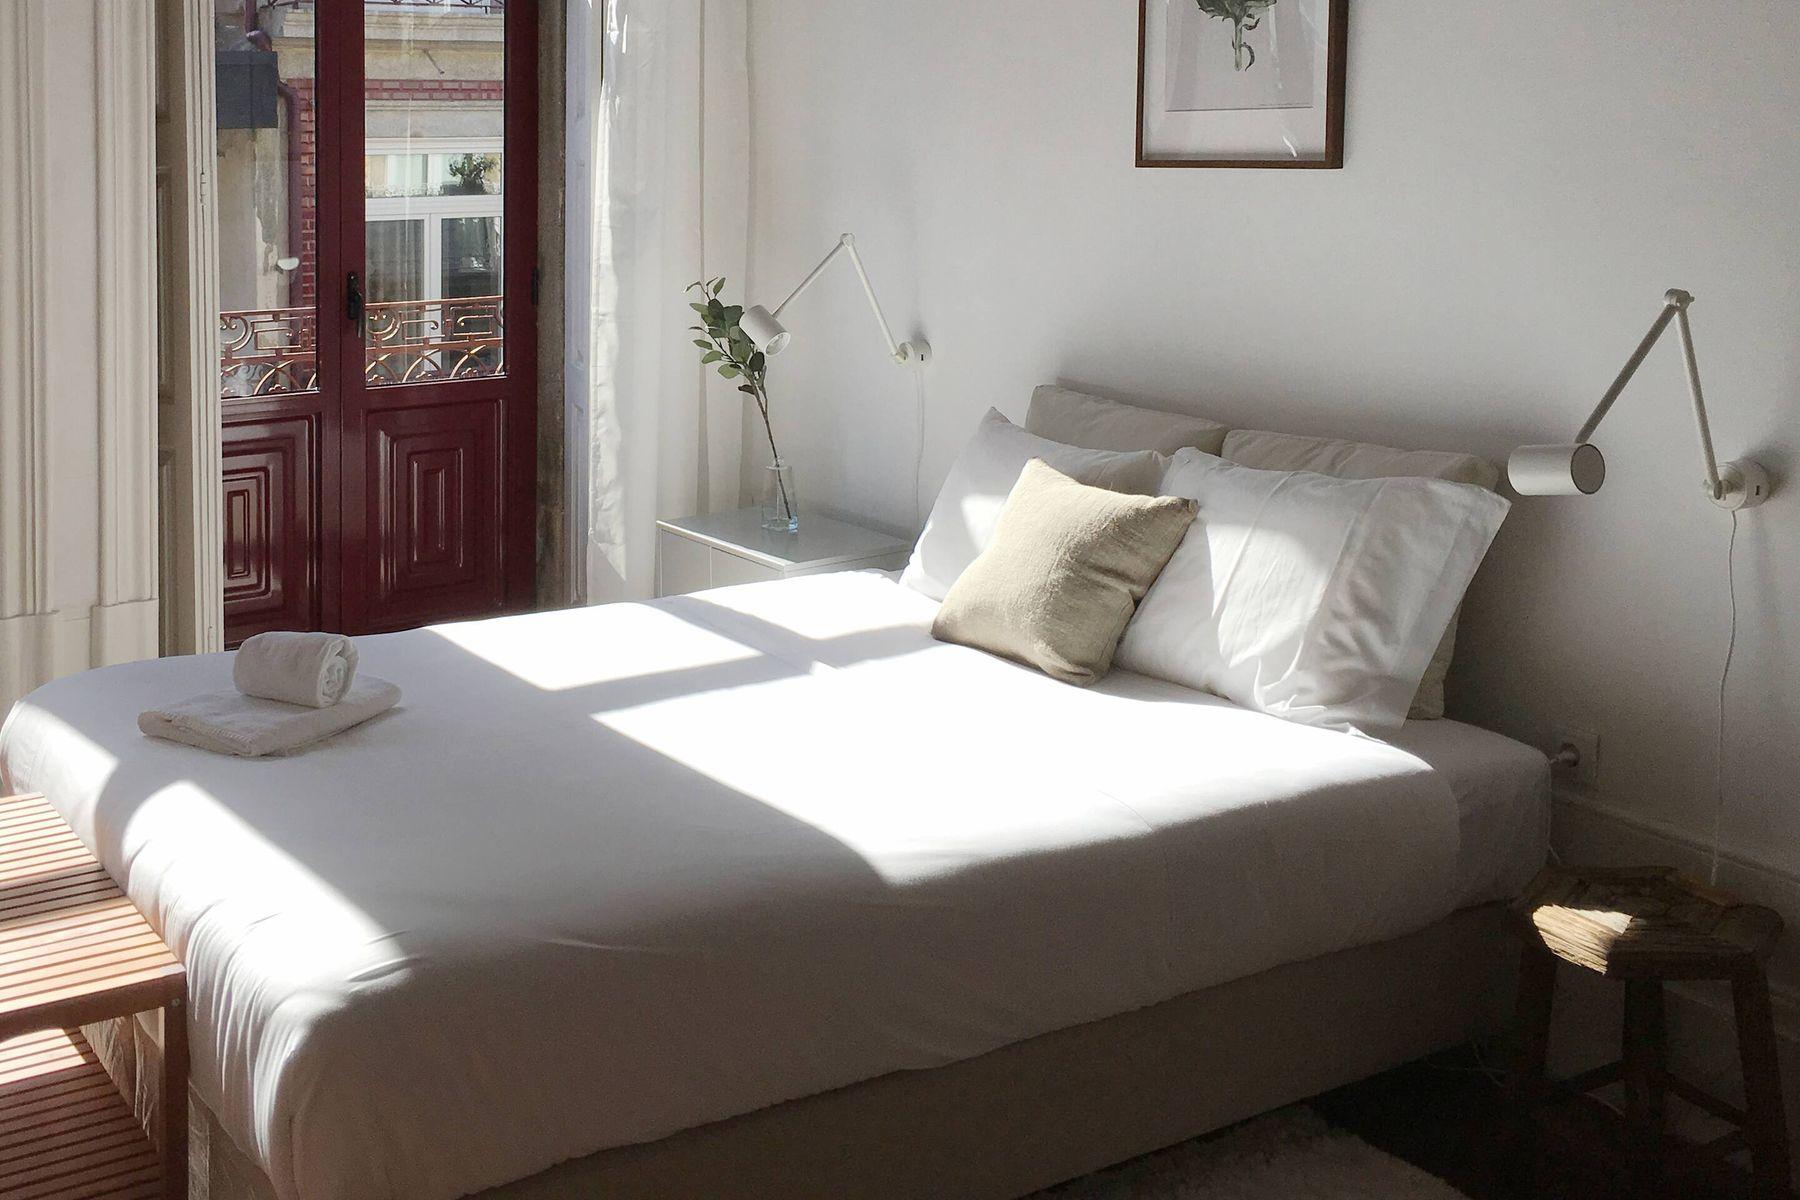 Áp dụng ngay 5 bí quyết này, phòng ngủ sẽ luôn thơm mát và không còn ẩm